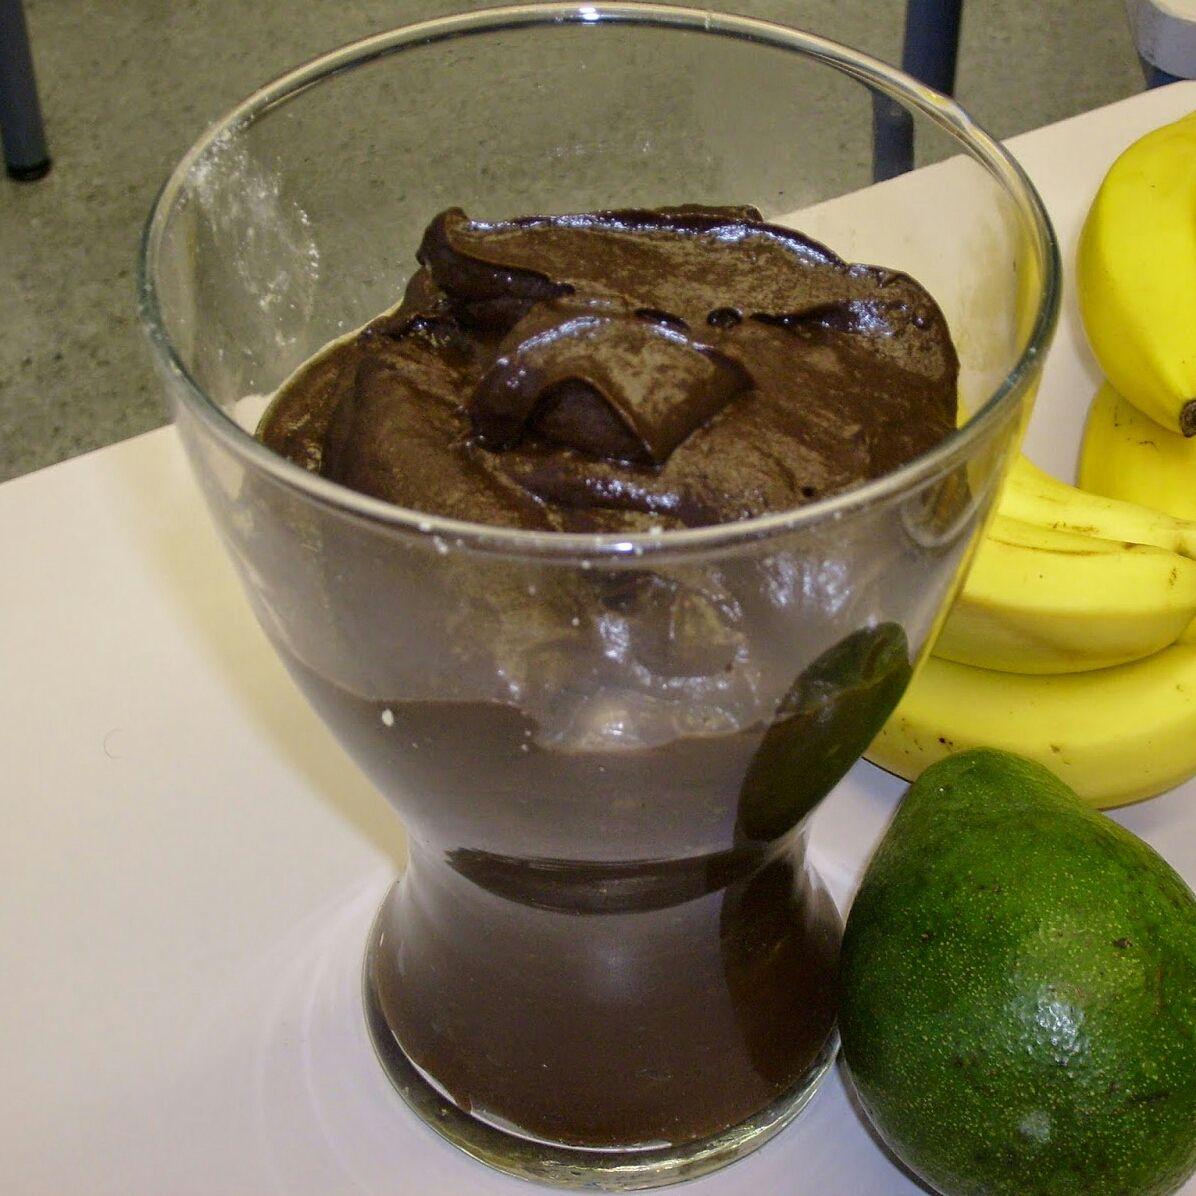 Mousse de chocolate fit/light